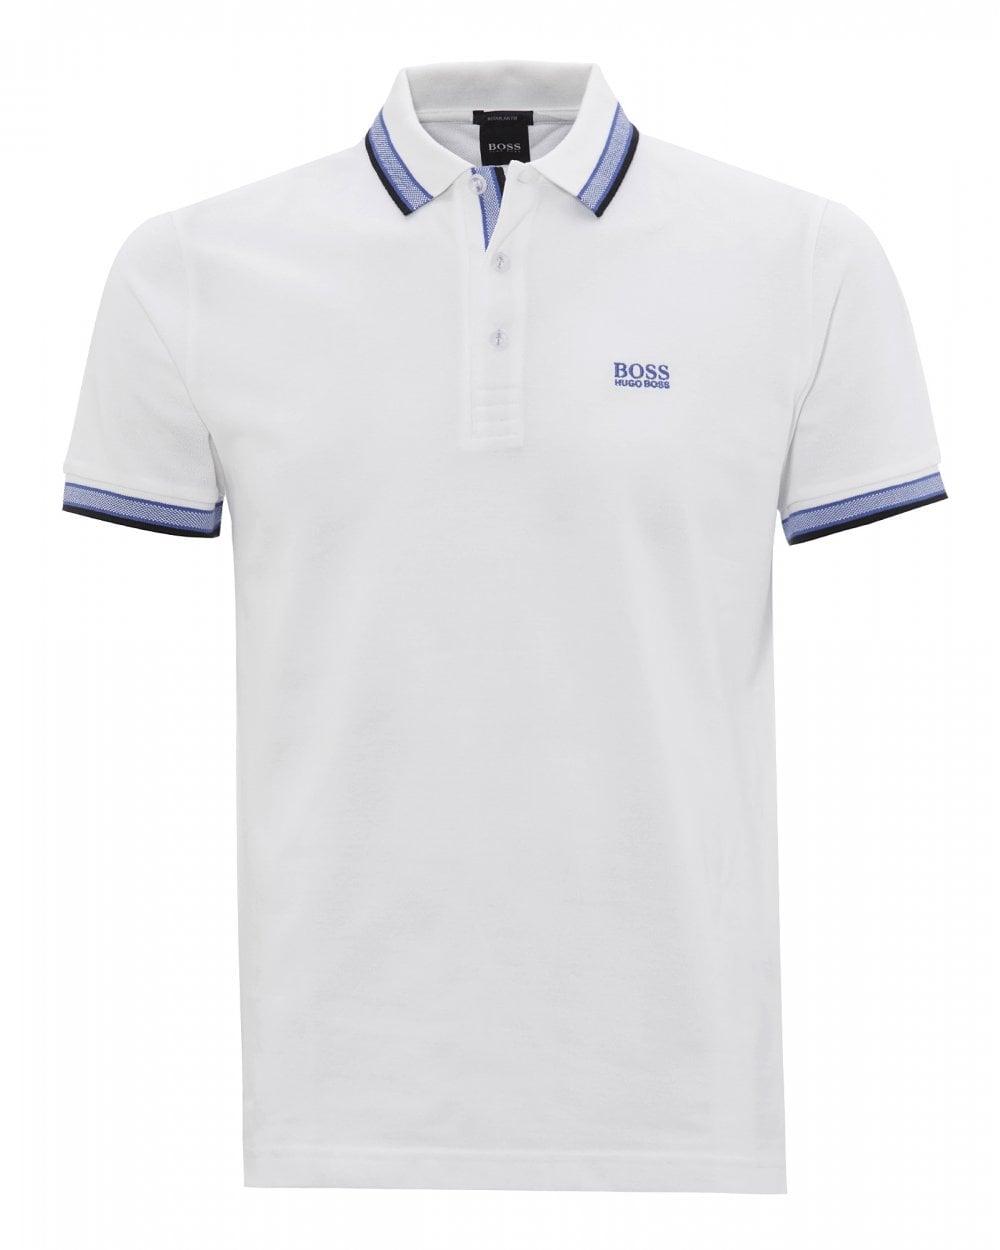 758e5d0f BOSS Mens White Cotton-Piqué Logo Polo Shirt